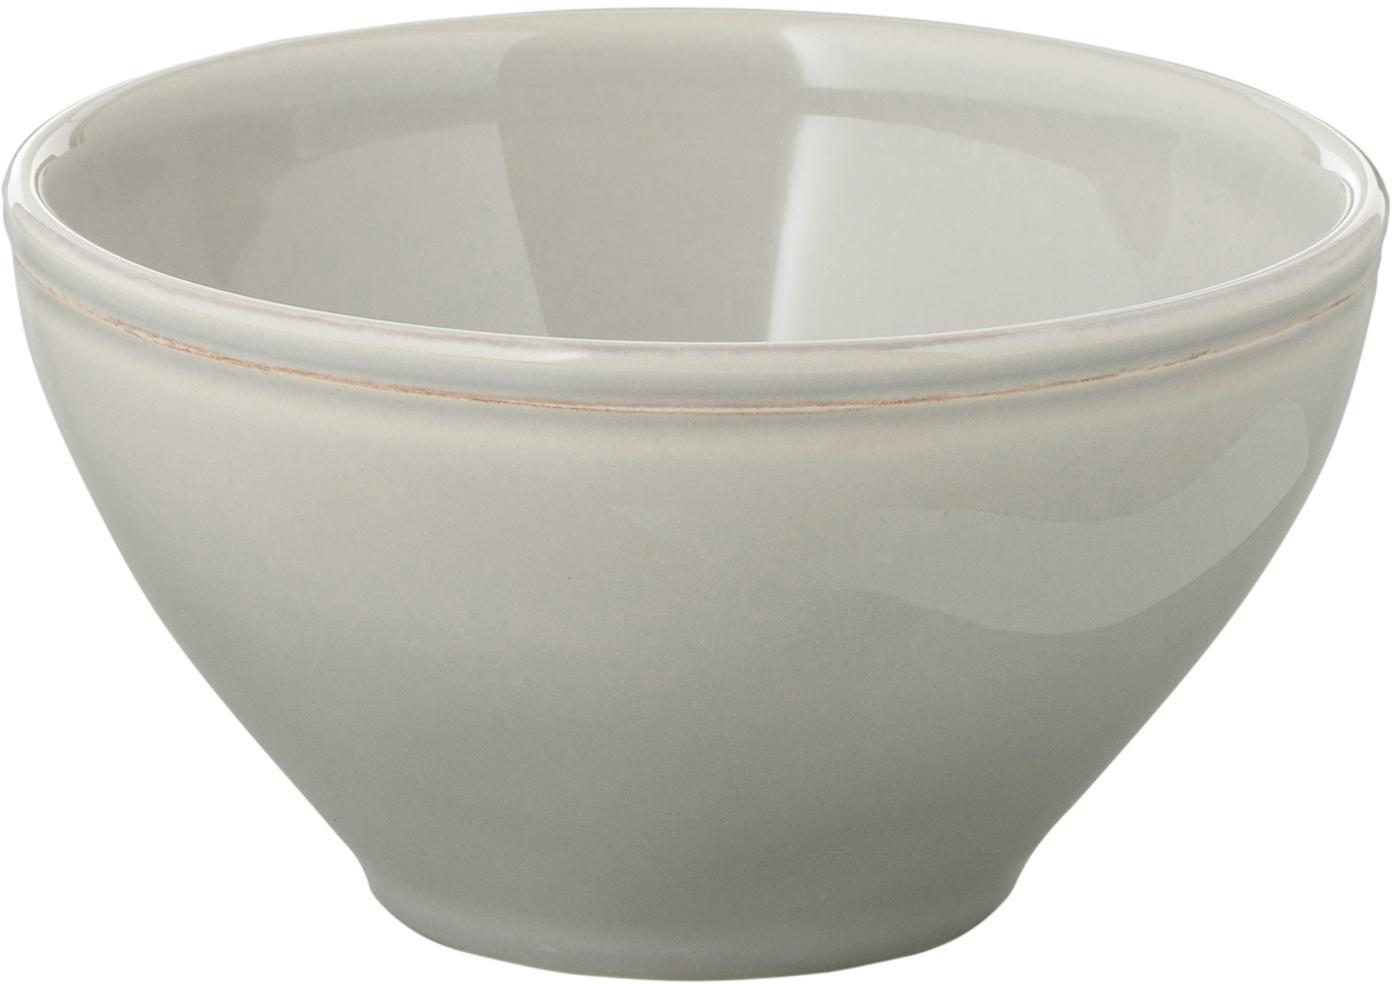 Ciotolina in grigio chiaro Constance 2 pz, Ceramica, Grigio chiaro, Ø 15 x Alt. 9 cm